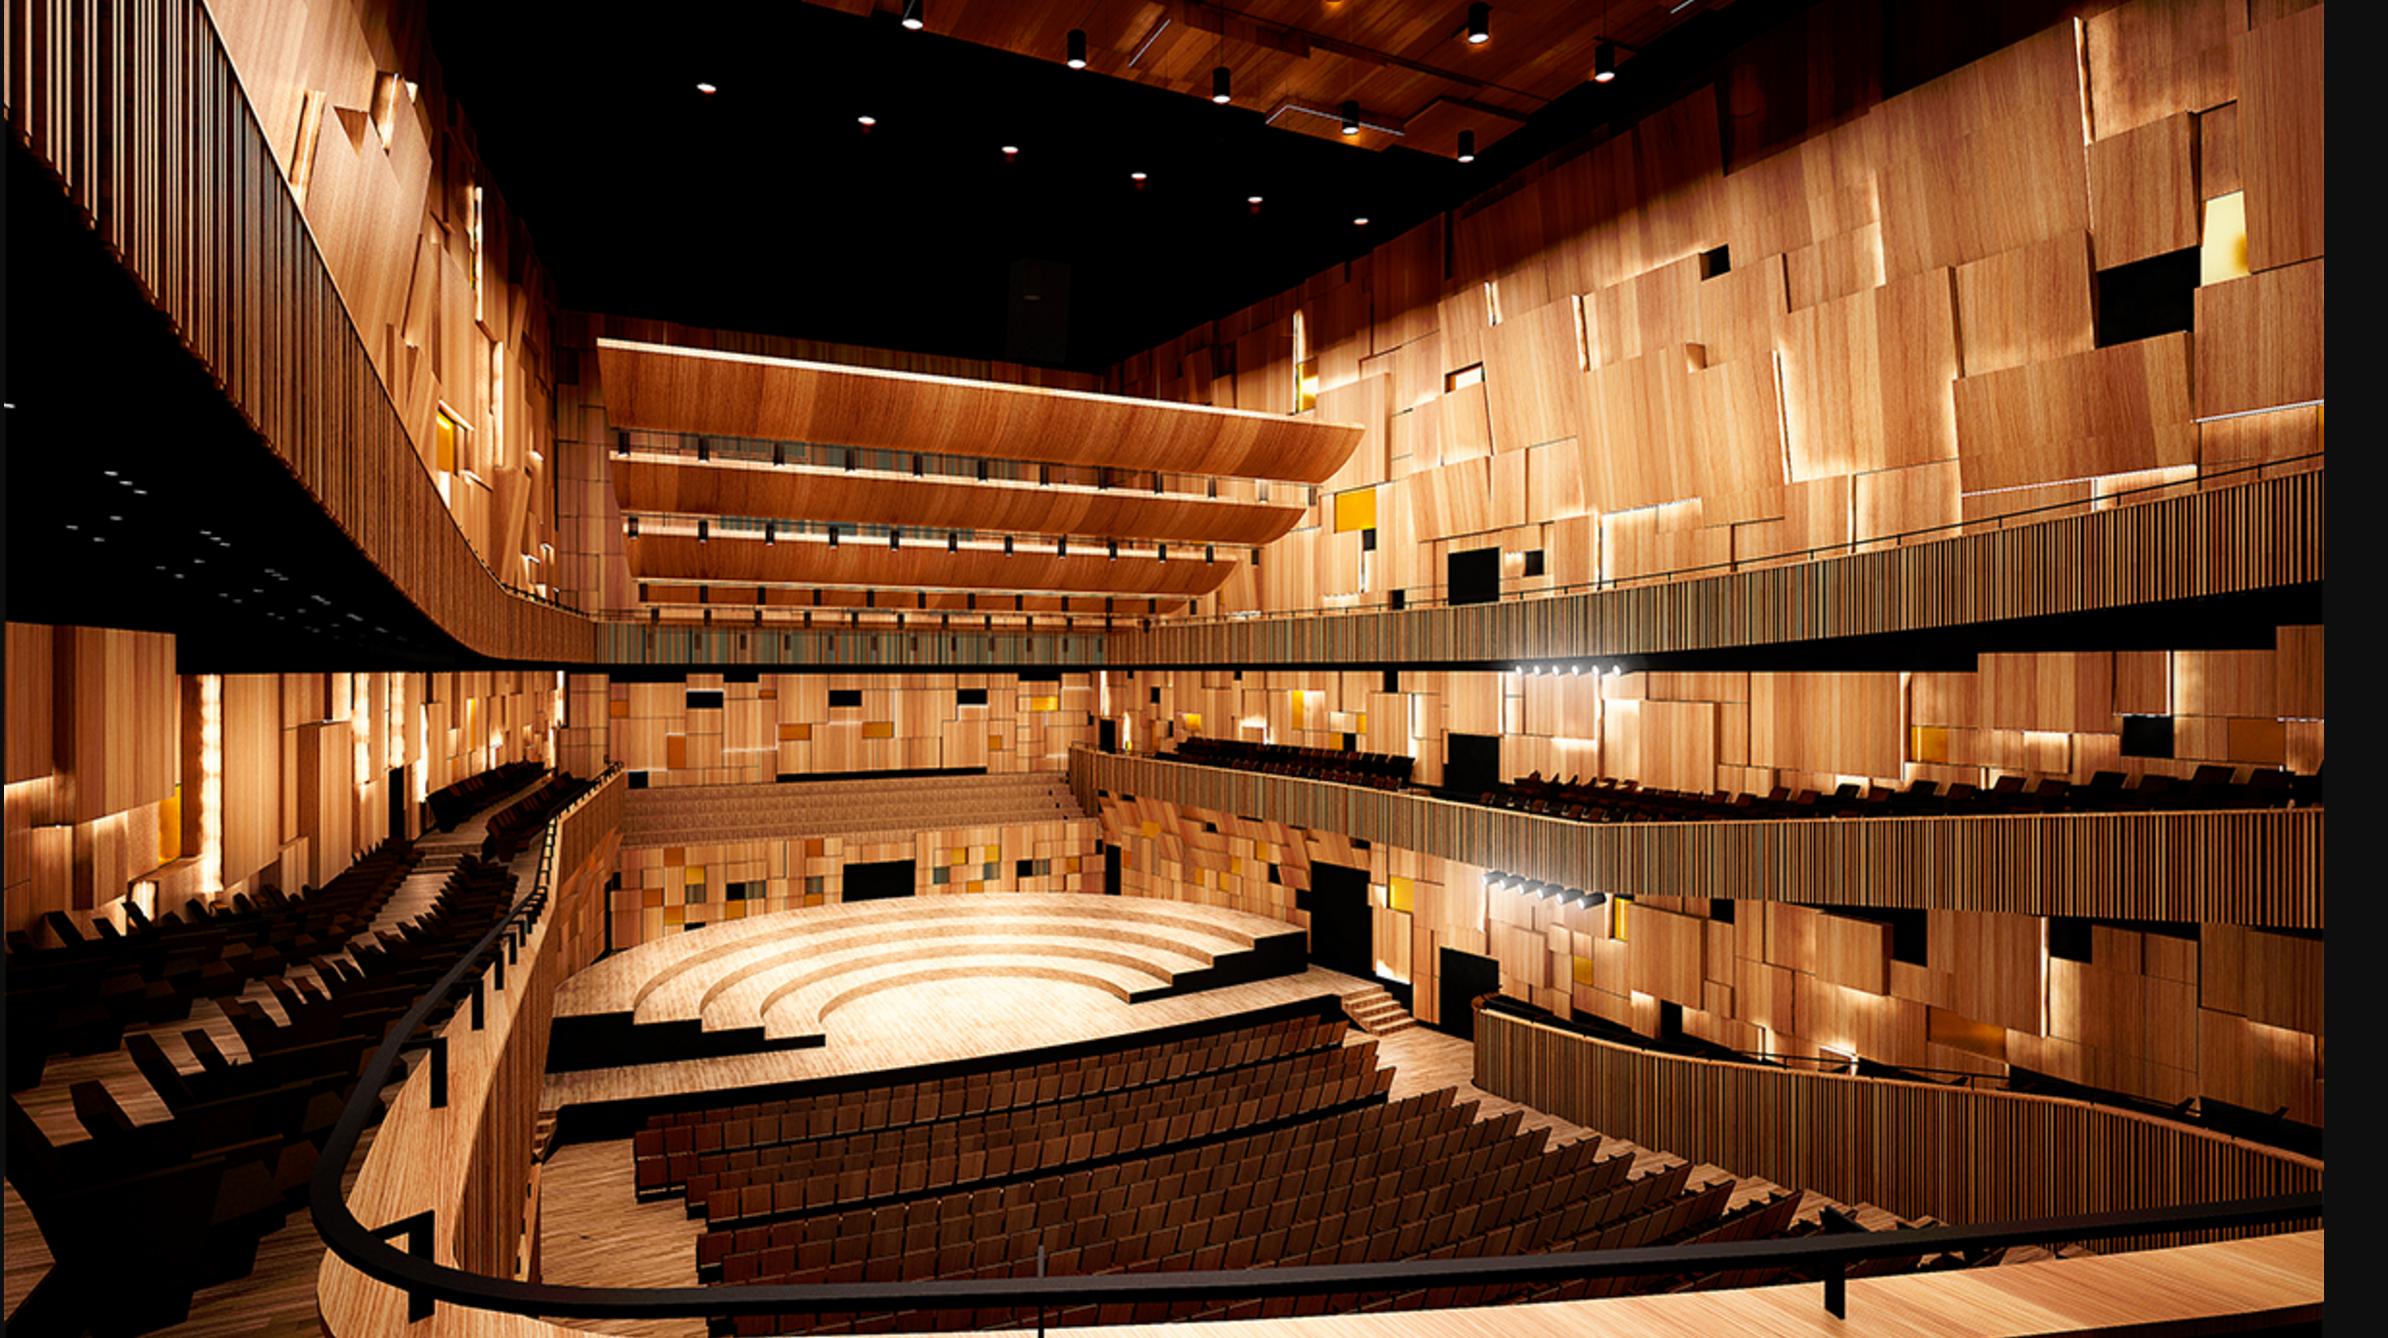 Malmö Live- Brahms  Ein Deutsches Requiem Nov 2, 4 -17 Carl sjunger barytonsolot i Brahms  Ein Deutsches Requiem  tillsammans med Malmö Symfoniorkester på Malmö Live. Mer info   här